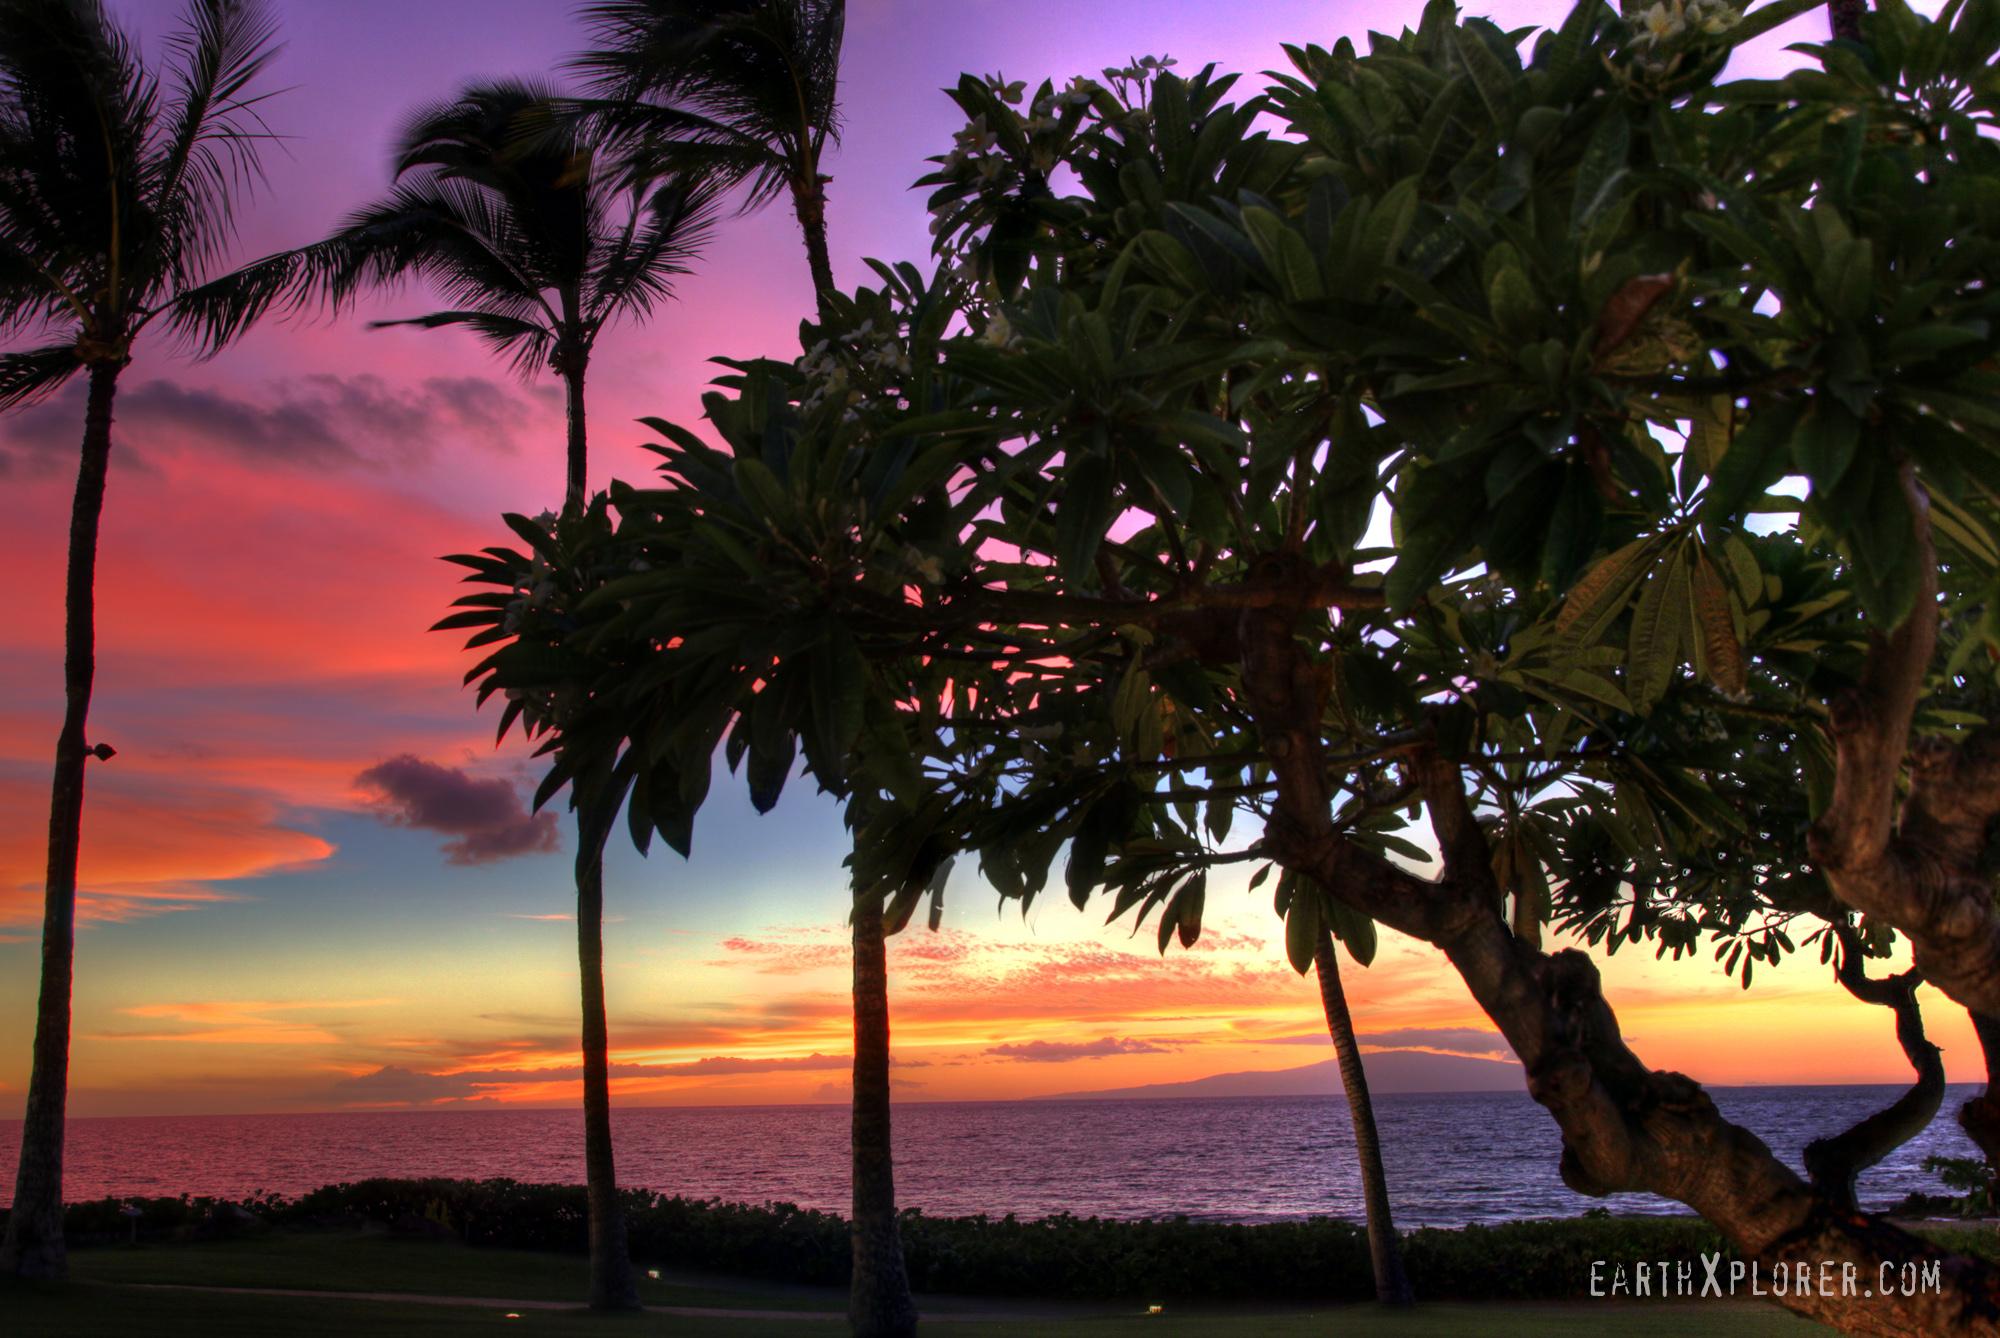 SunsetMaui2SM.jpg